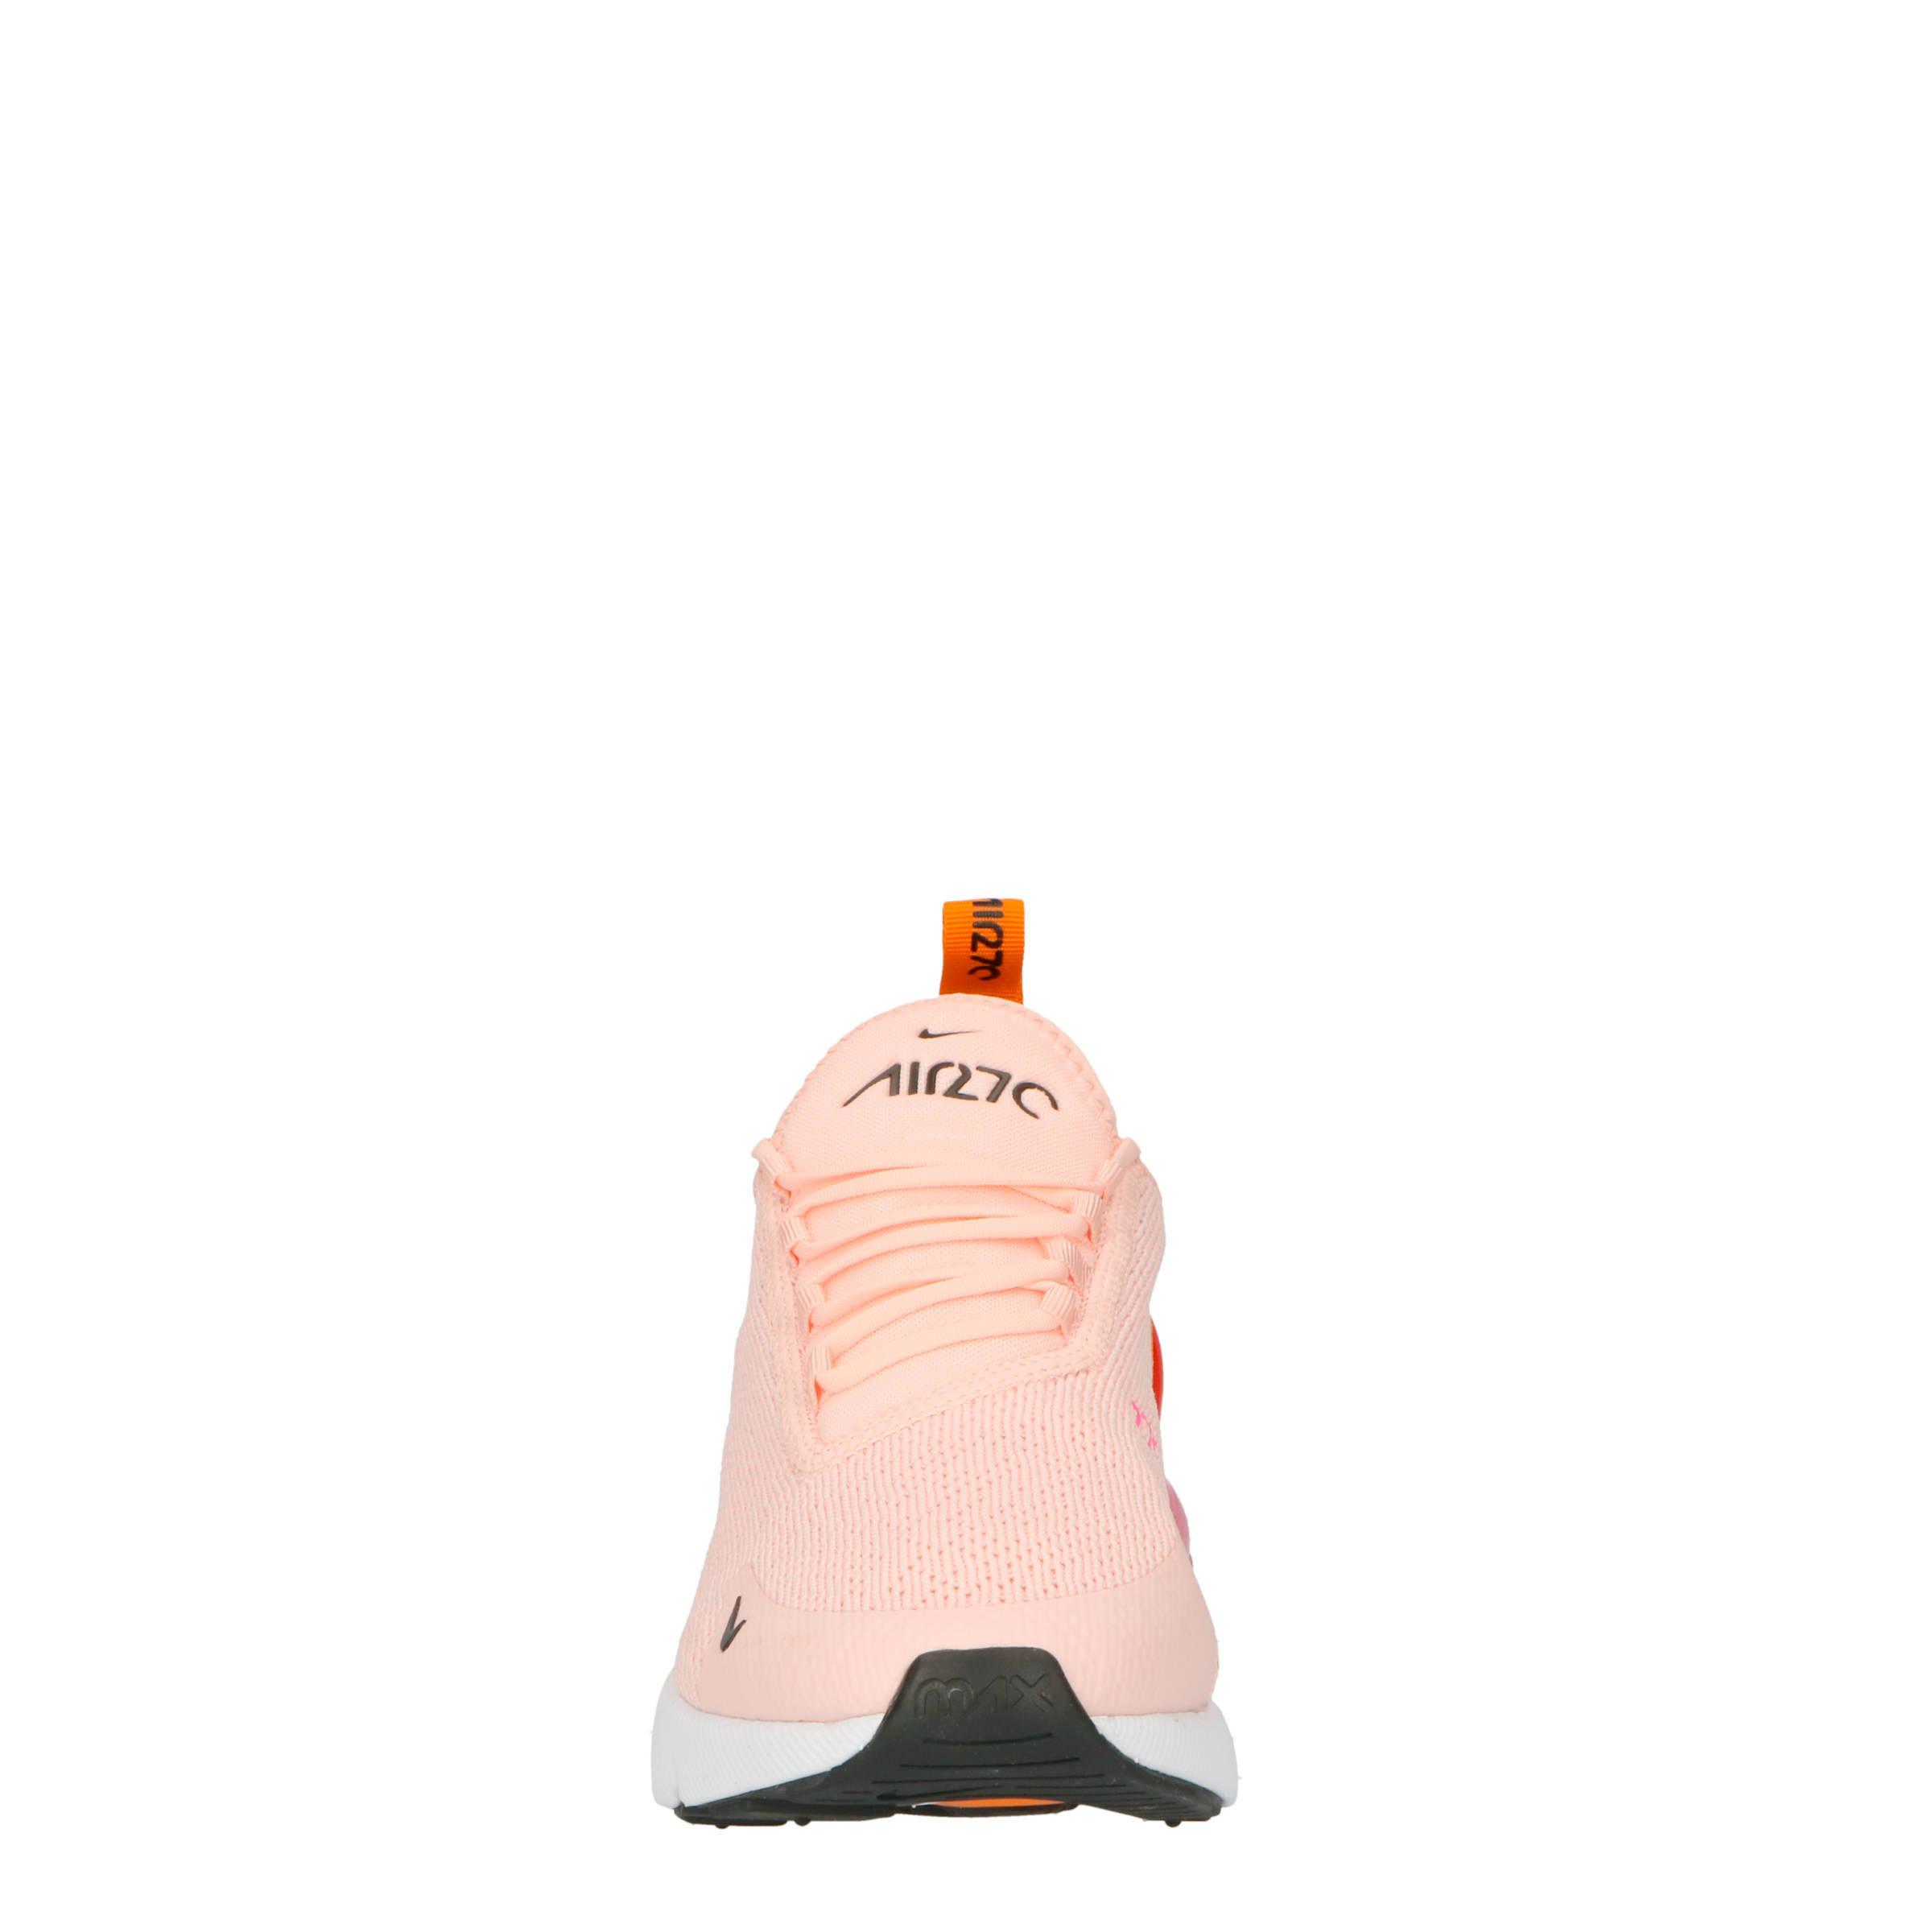 Oranje Nike Air Max 270 | Dames & heren | Sneakerbaron NL